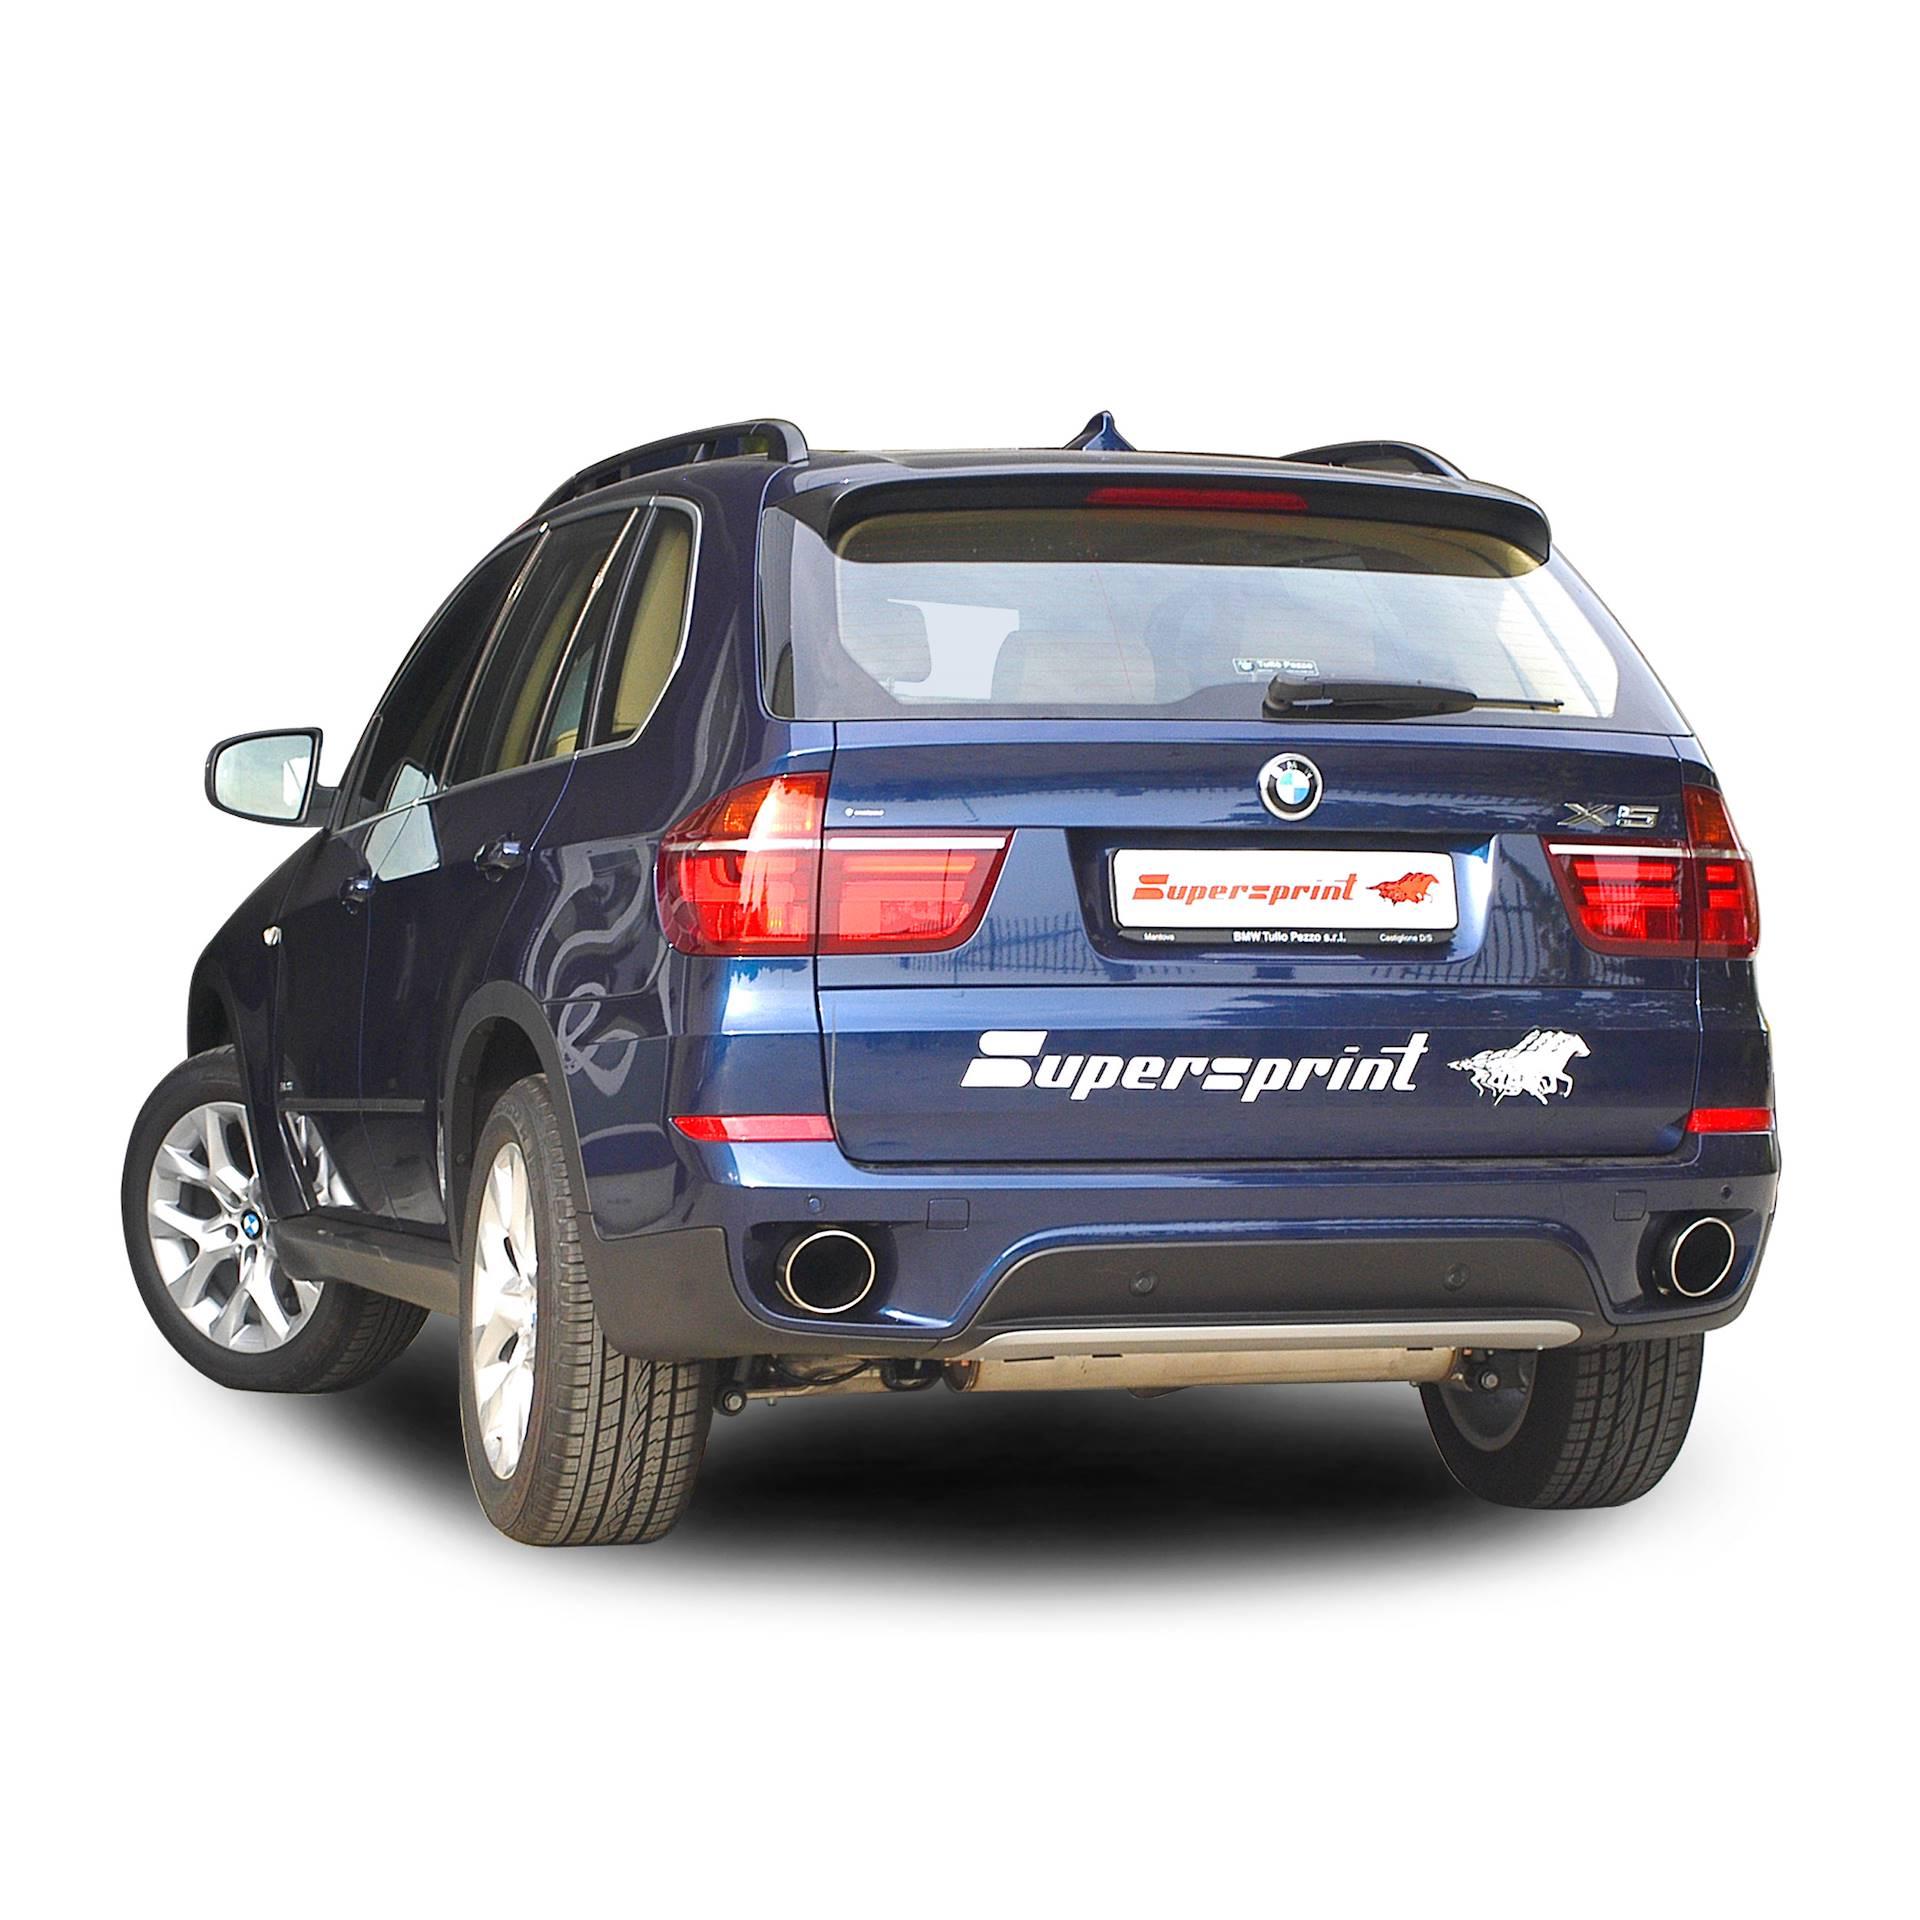 Bmw Xm5: BMW E70 X5 LCI 30dX 2009 -> 2013, BMW, Exhaust Systems